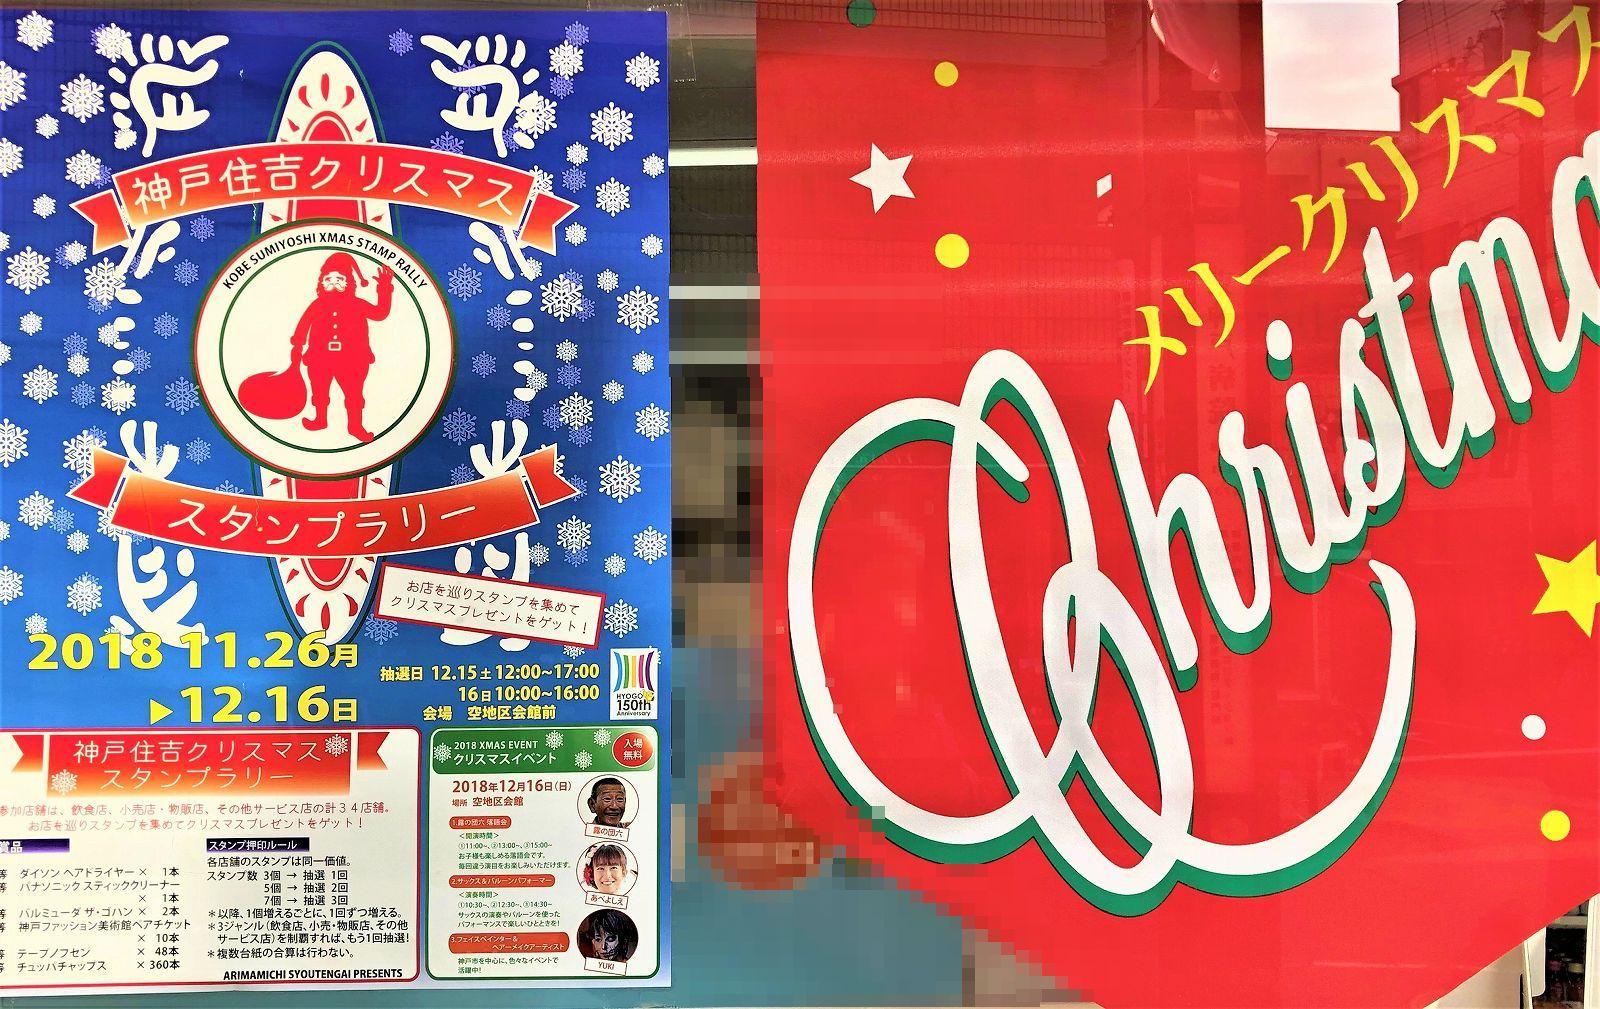 豪華賞品が当たるかも!?神戸住吉ありまみち商店街で「クリスマス スタンプラリー」開催中! #神戸住吉 #神戸住吉ありまみち商店街 #クリスマス #スタンプラリー